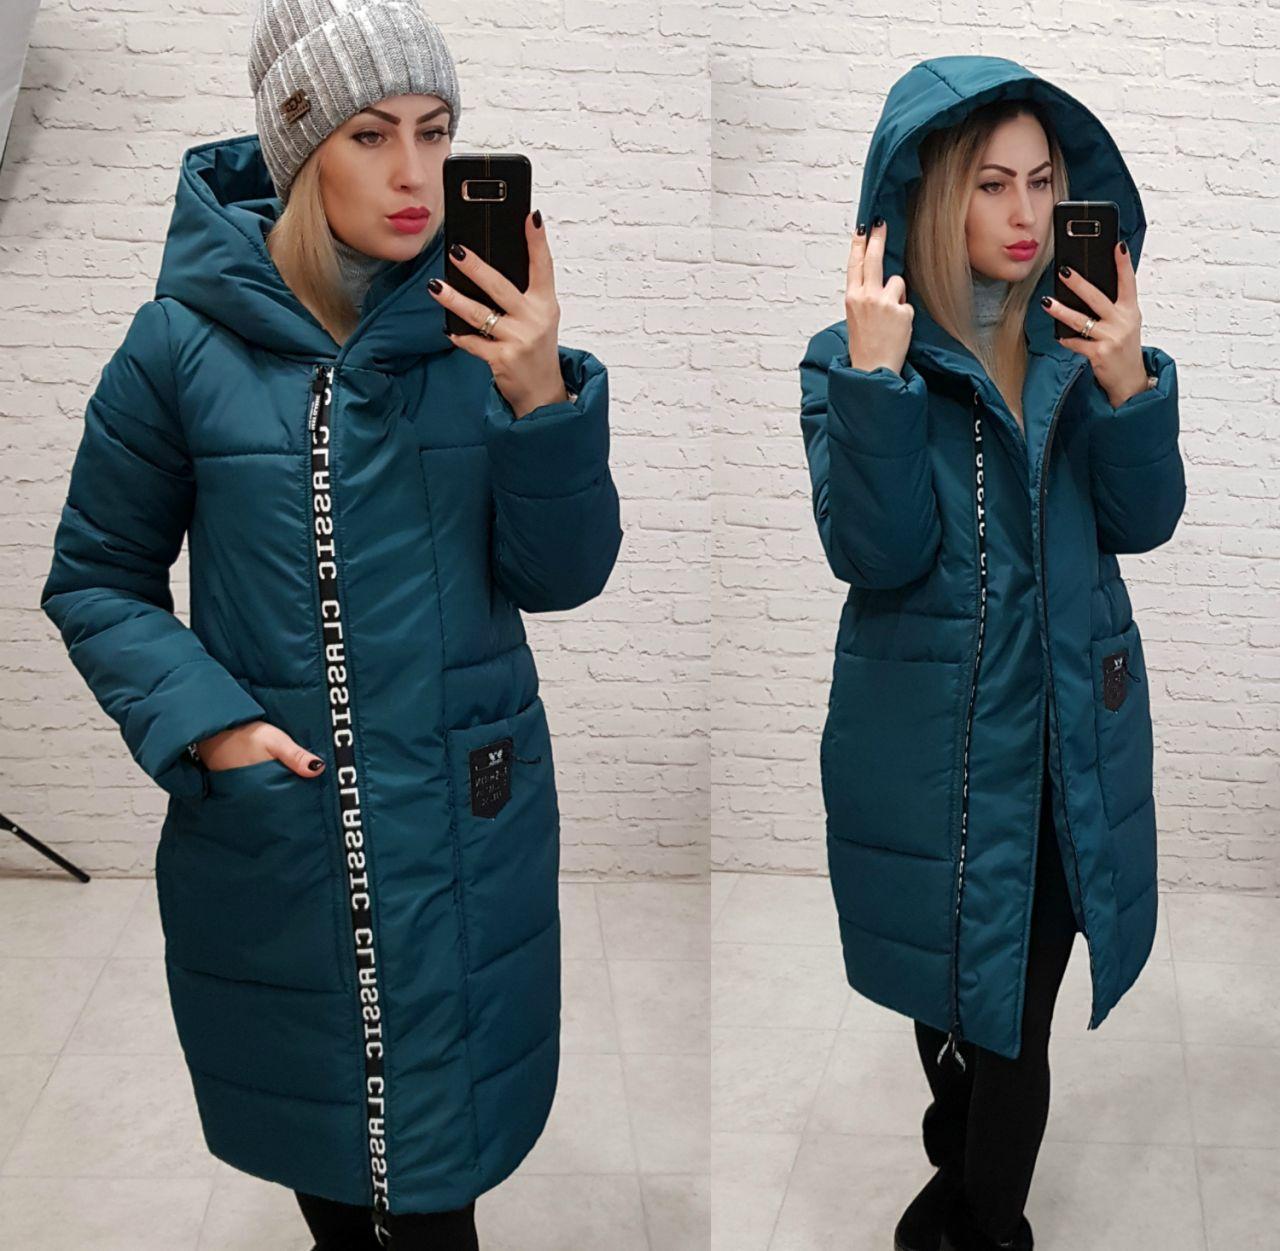 Куртка зимняя 2018/2019, модель 1003, цвет - аквамарин